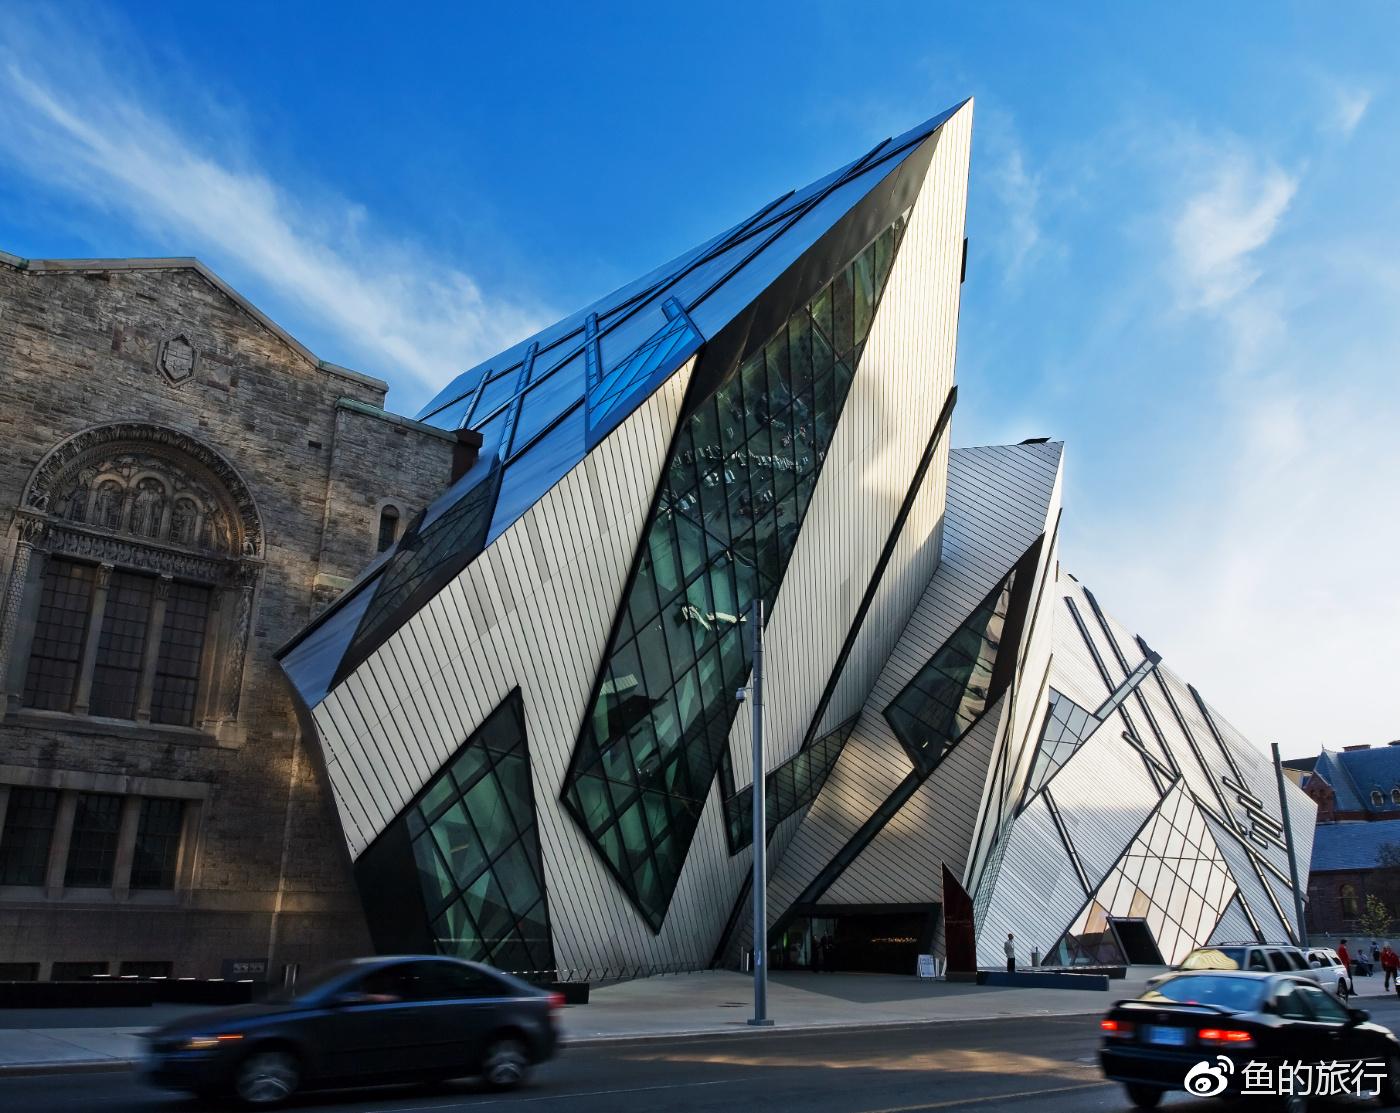 新鲜且多元,探索更多可能的多伦多